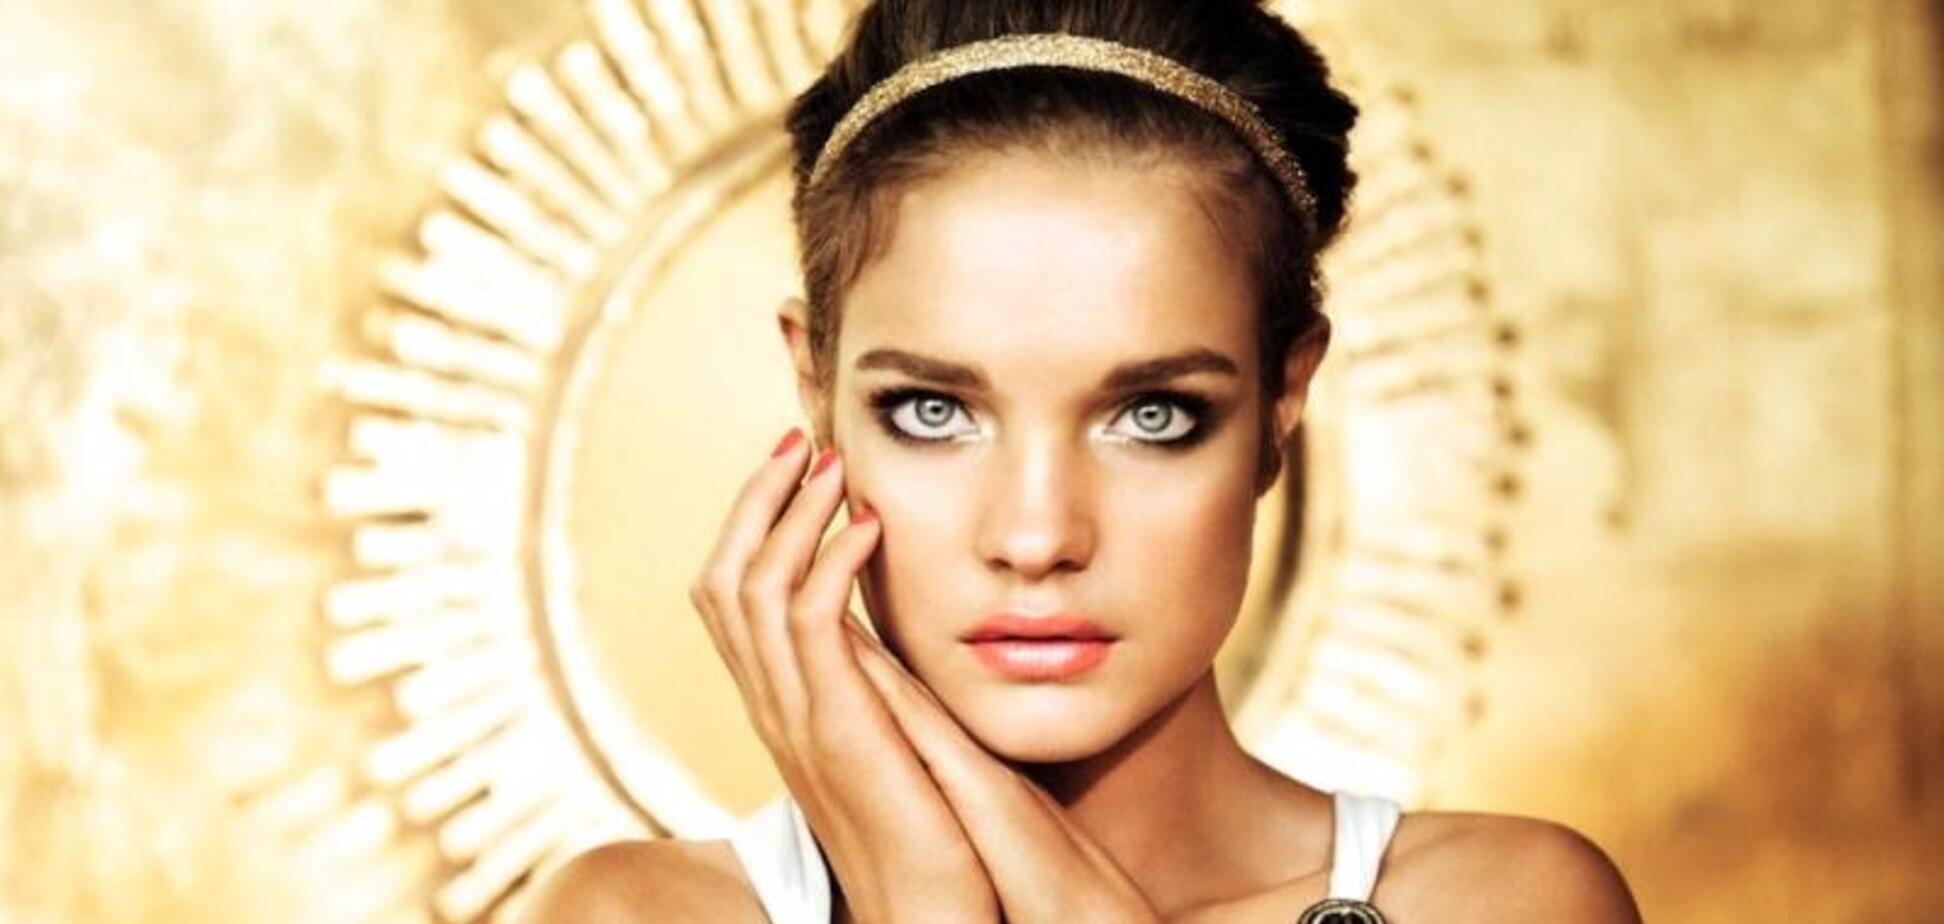 Наталія Водянова відзначає день народження: найвідвертіші фото 38-річної моделі